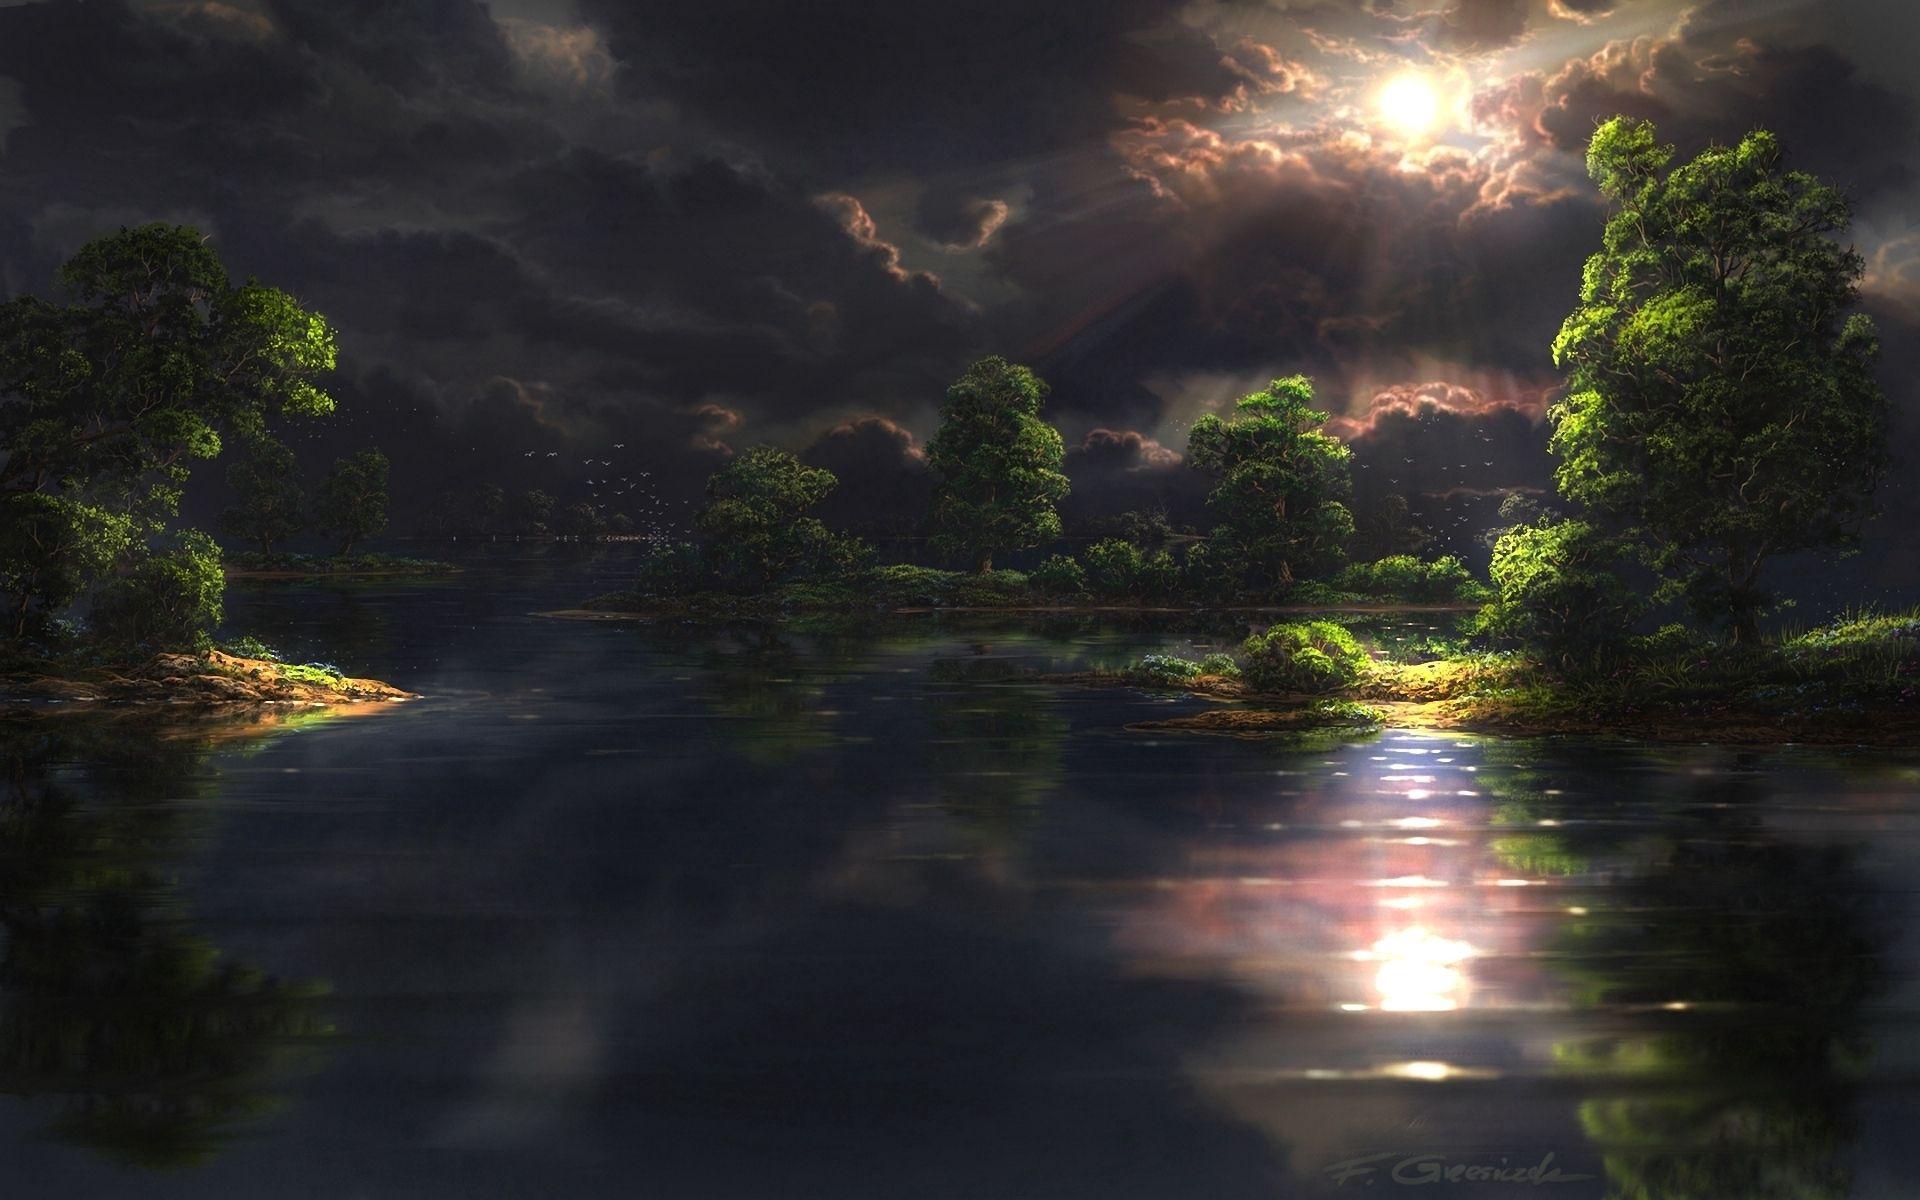 110792壁紙のダウンロード自然, 輝く, 光, 闇, 雲, ビーム, 光線, サン-スクリーンセーバーと写真を無料で